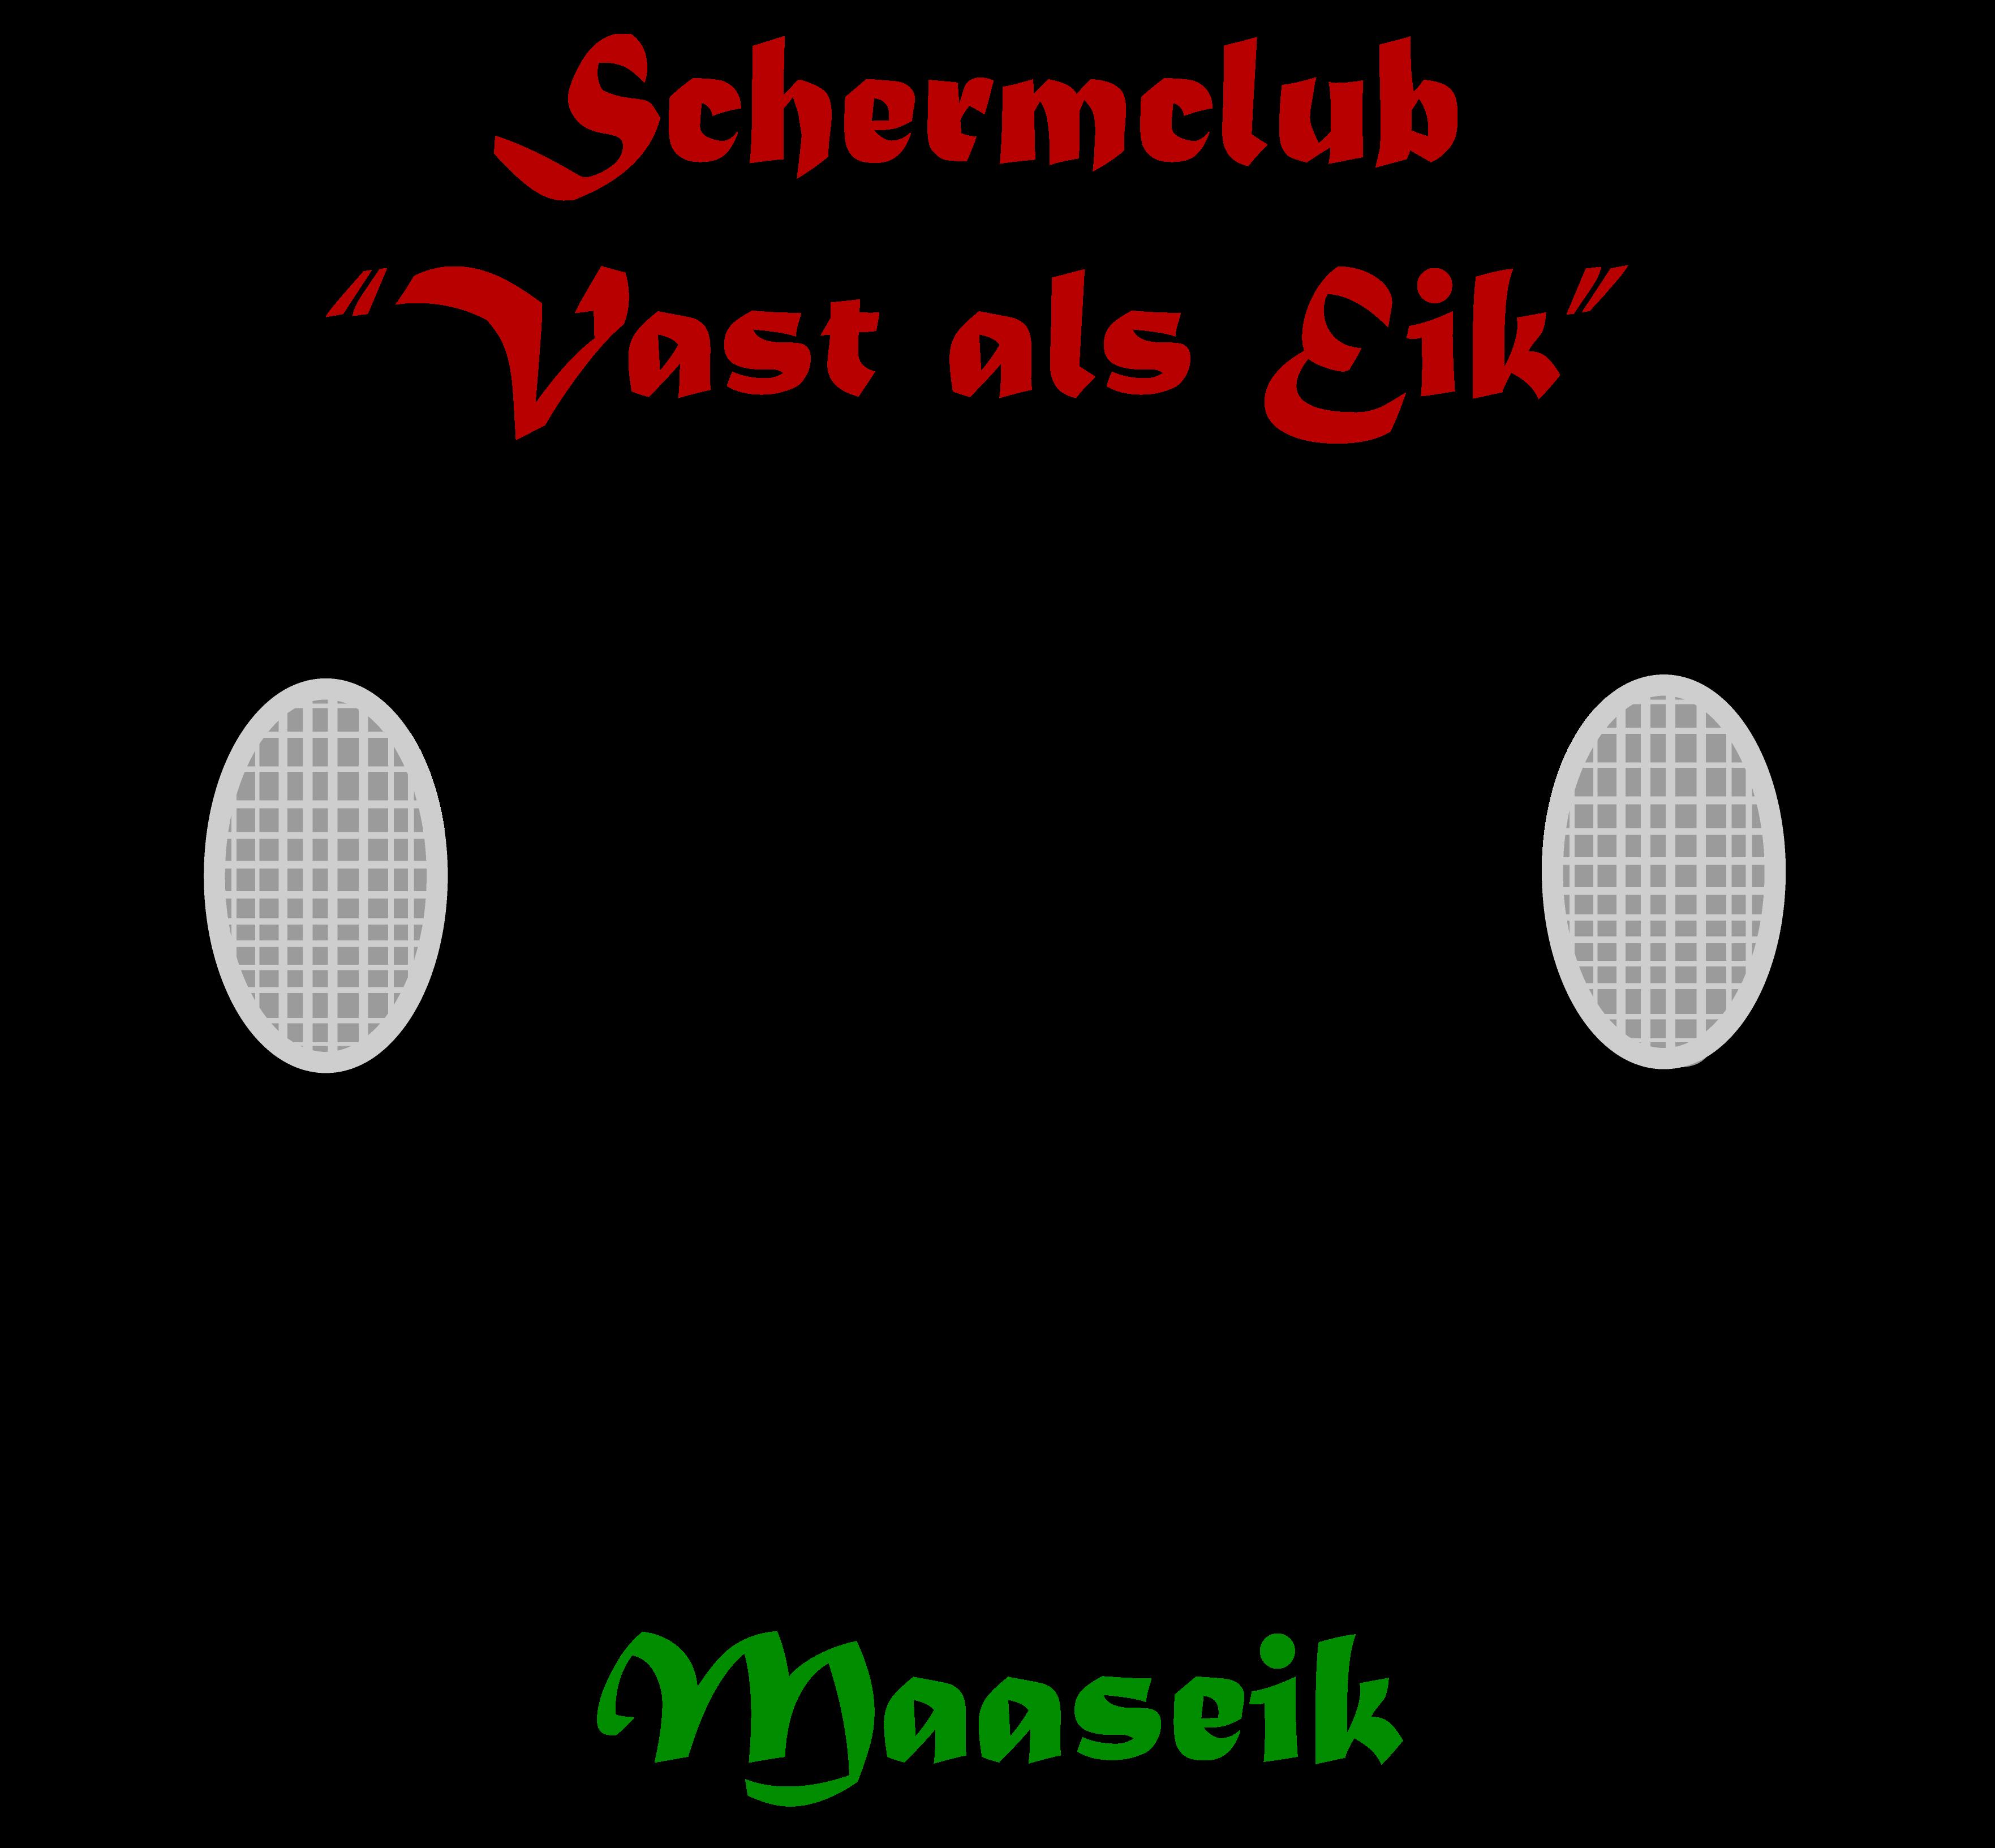 Schermclub 'Vast als Eik' Maaseik